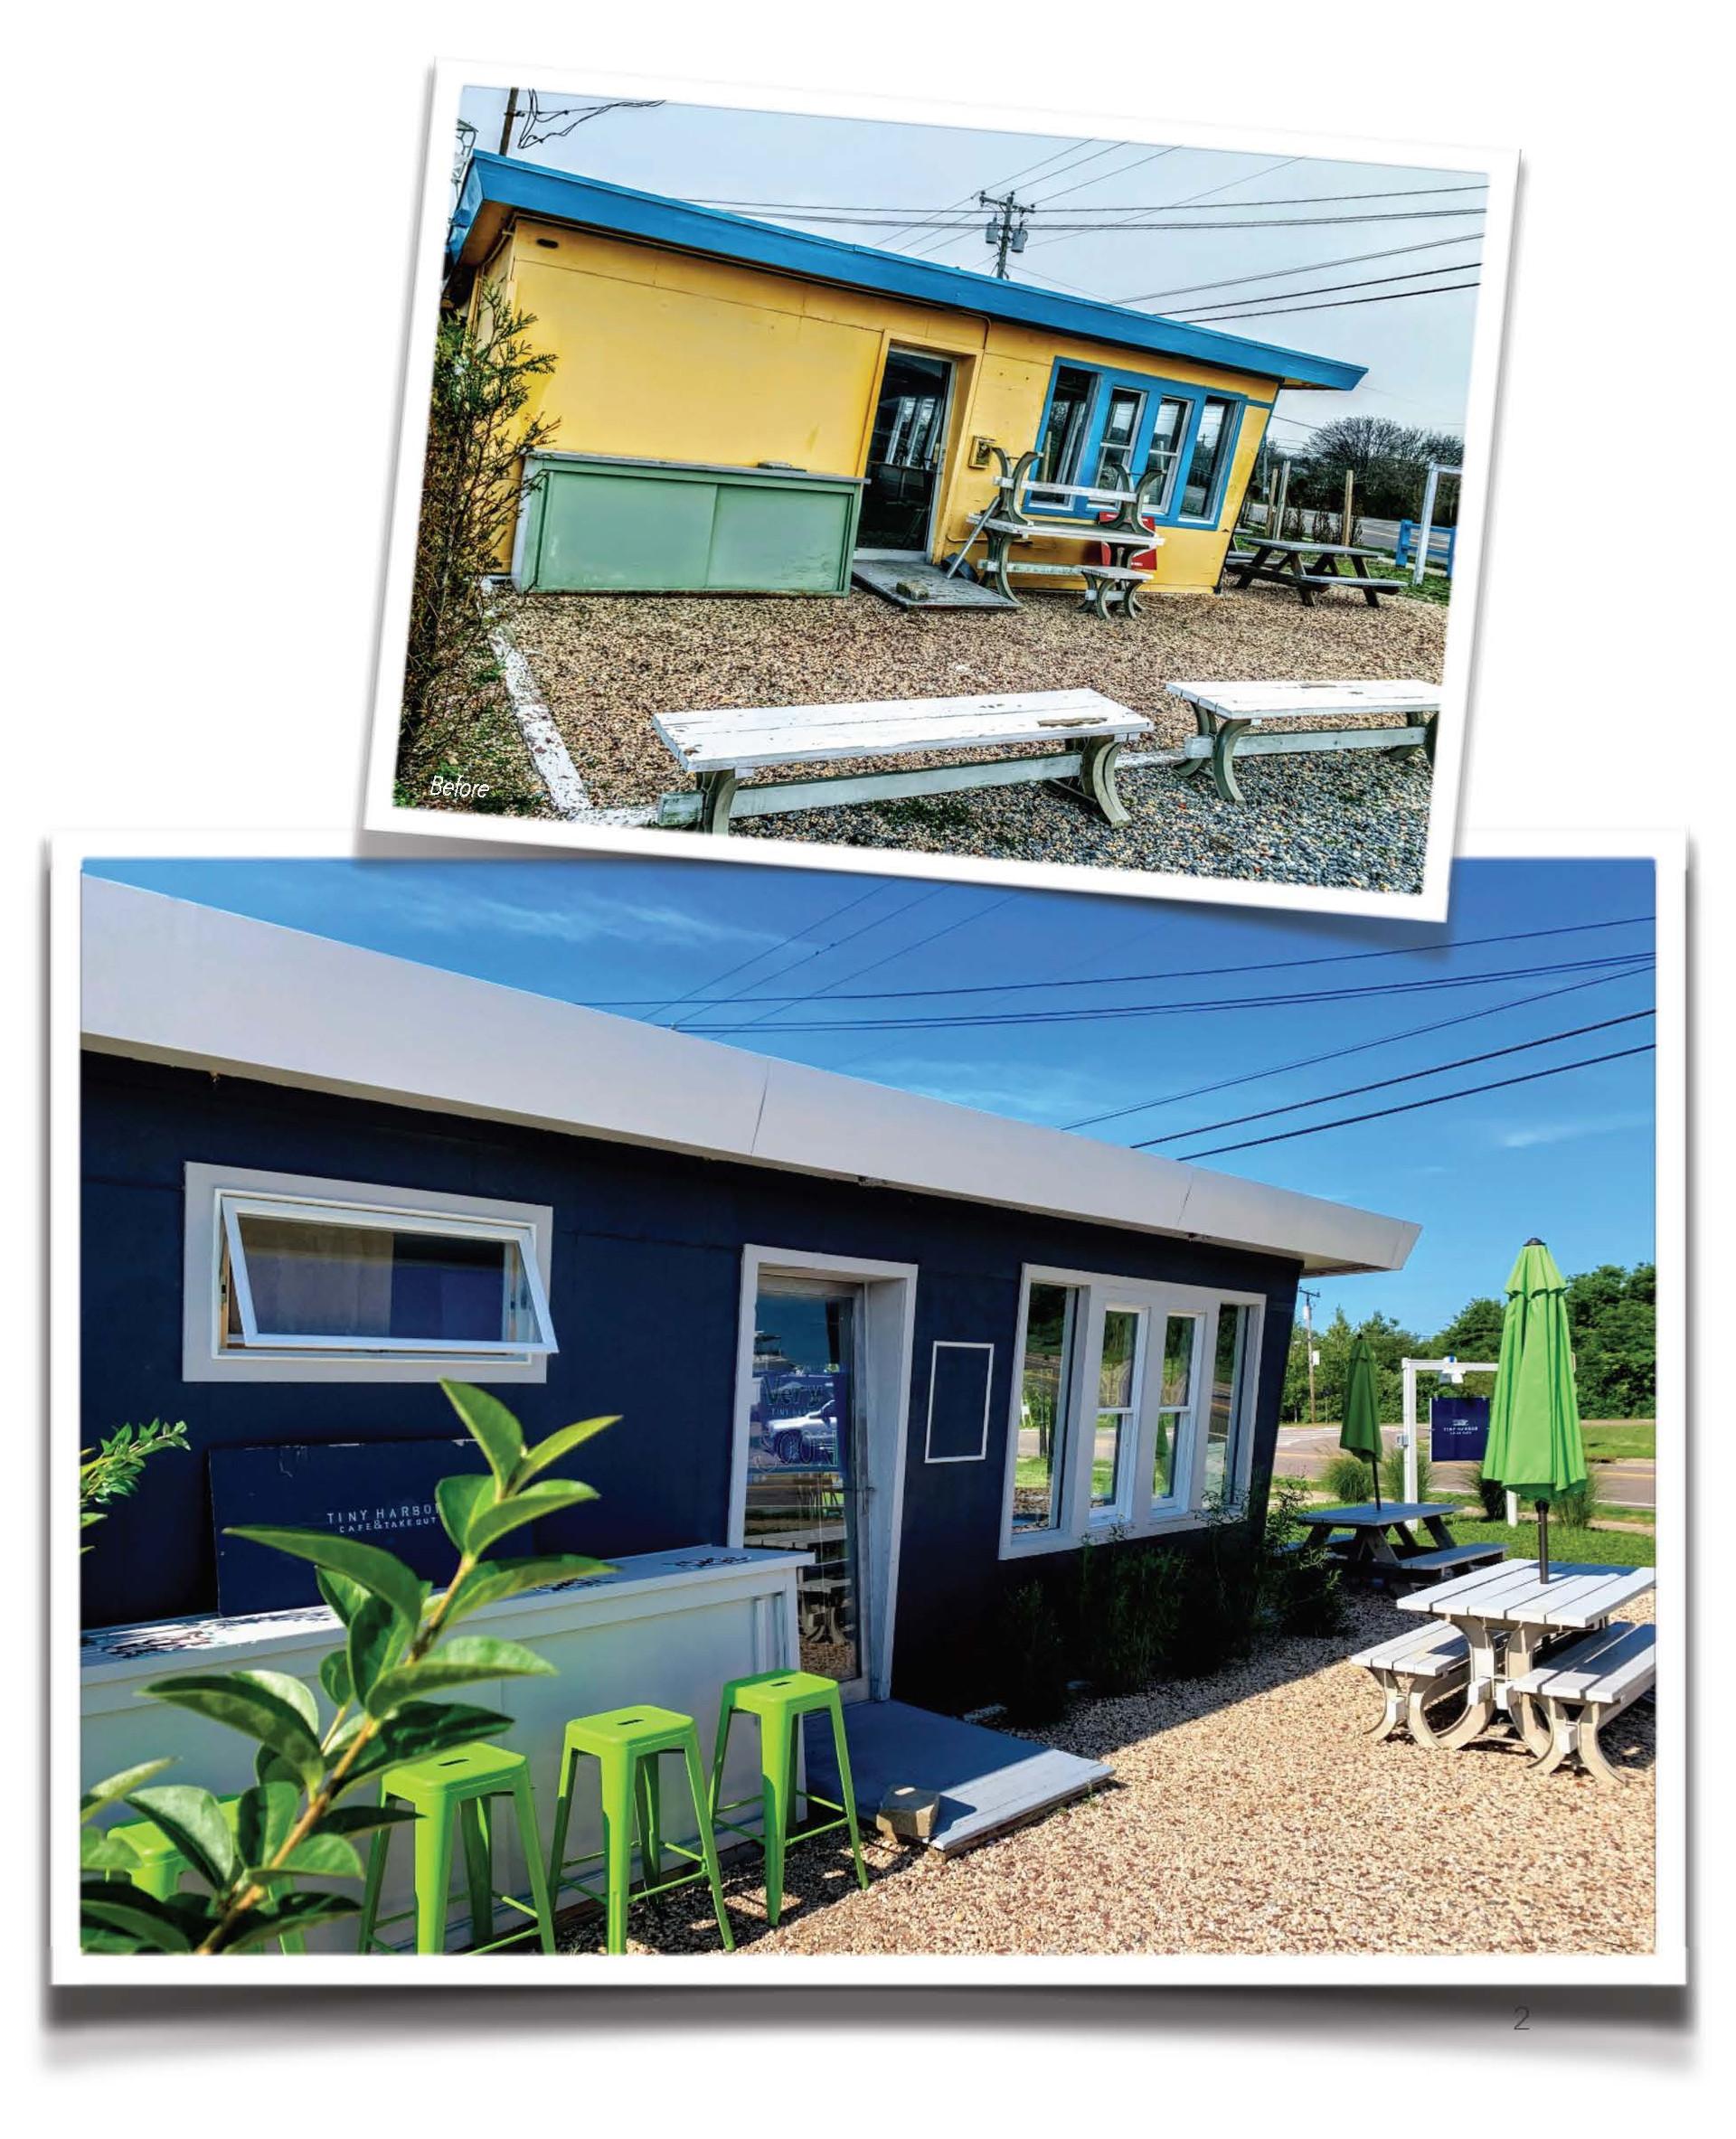 Tiny Harbor Cafe Pg 2.jpg